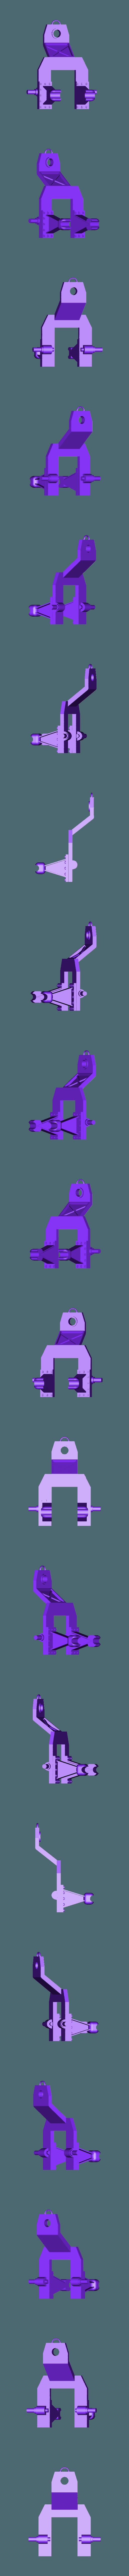 high_gun_carridge.stl Télécharger fichier STL gratuit Orque / Ork Bubble Chucker bizzar arme de science-fiction 28mm sci-fi • Plan imprimable en 3D, redstarkits